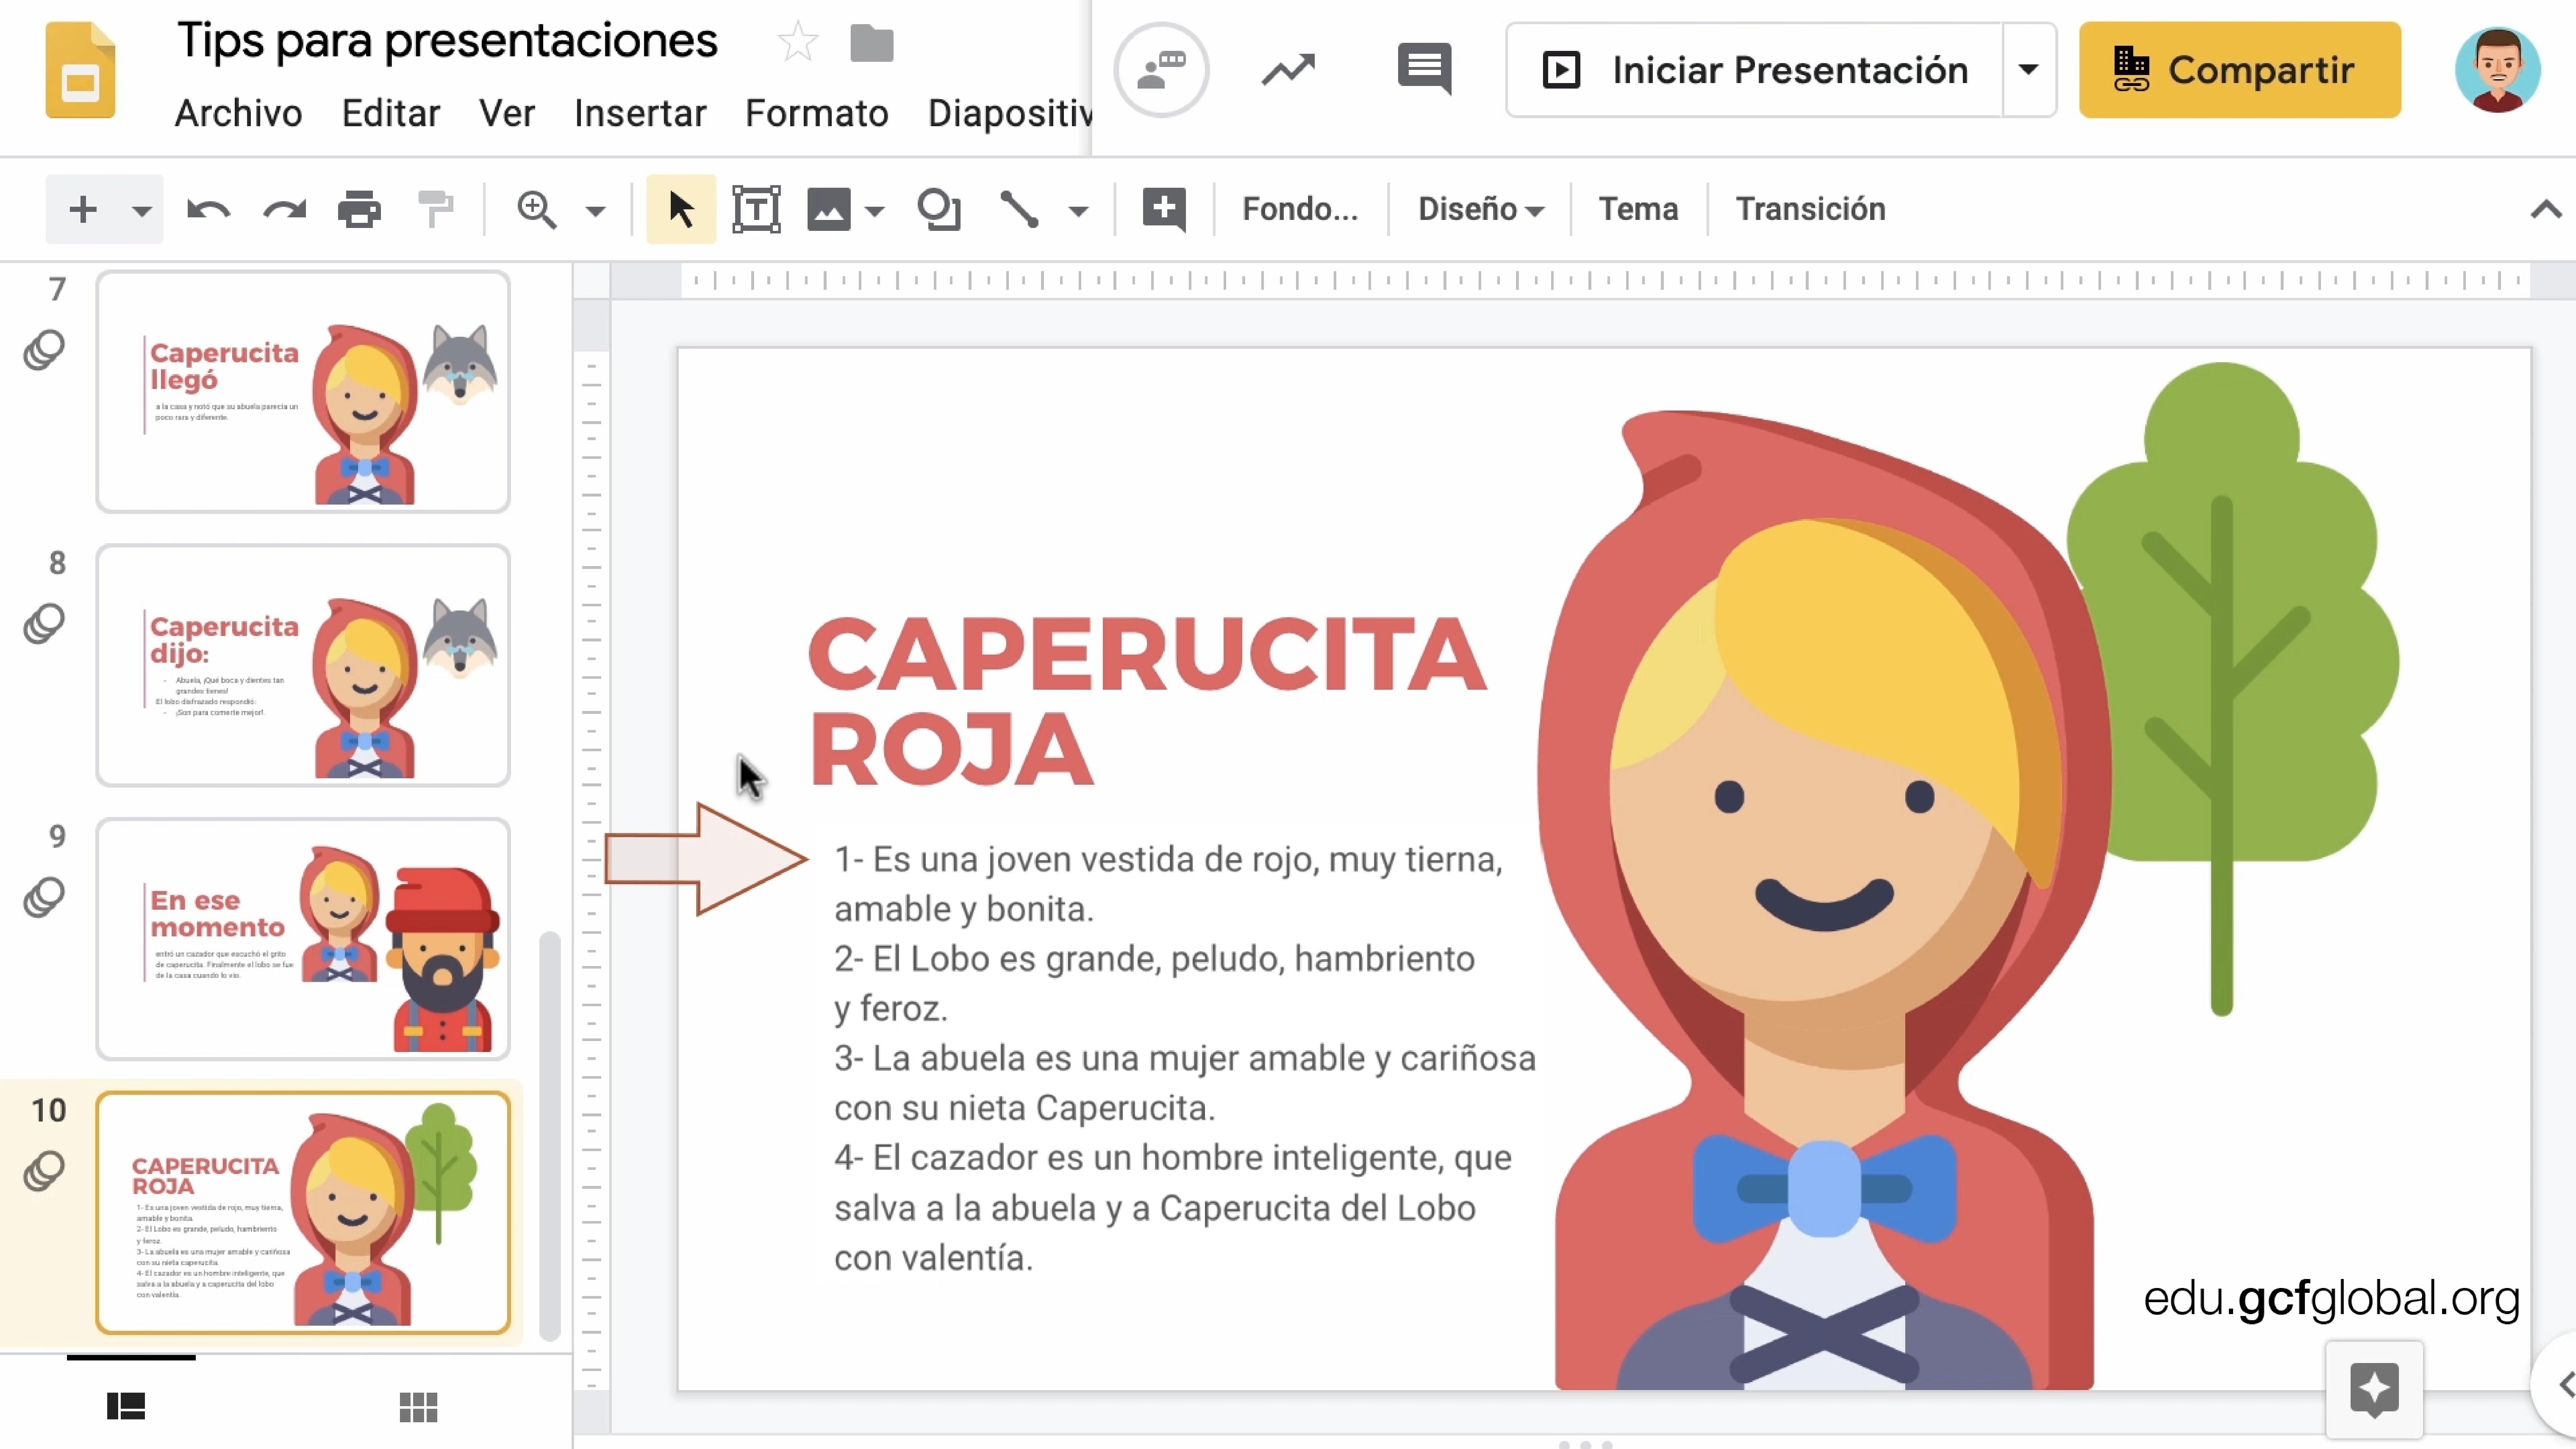 Imagen de diapositiva con una flecha resaltando la enumeración del texto.